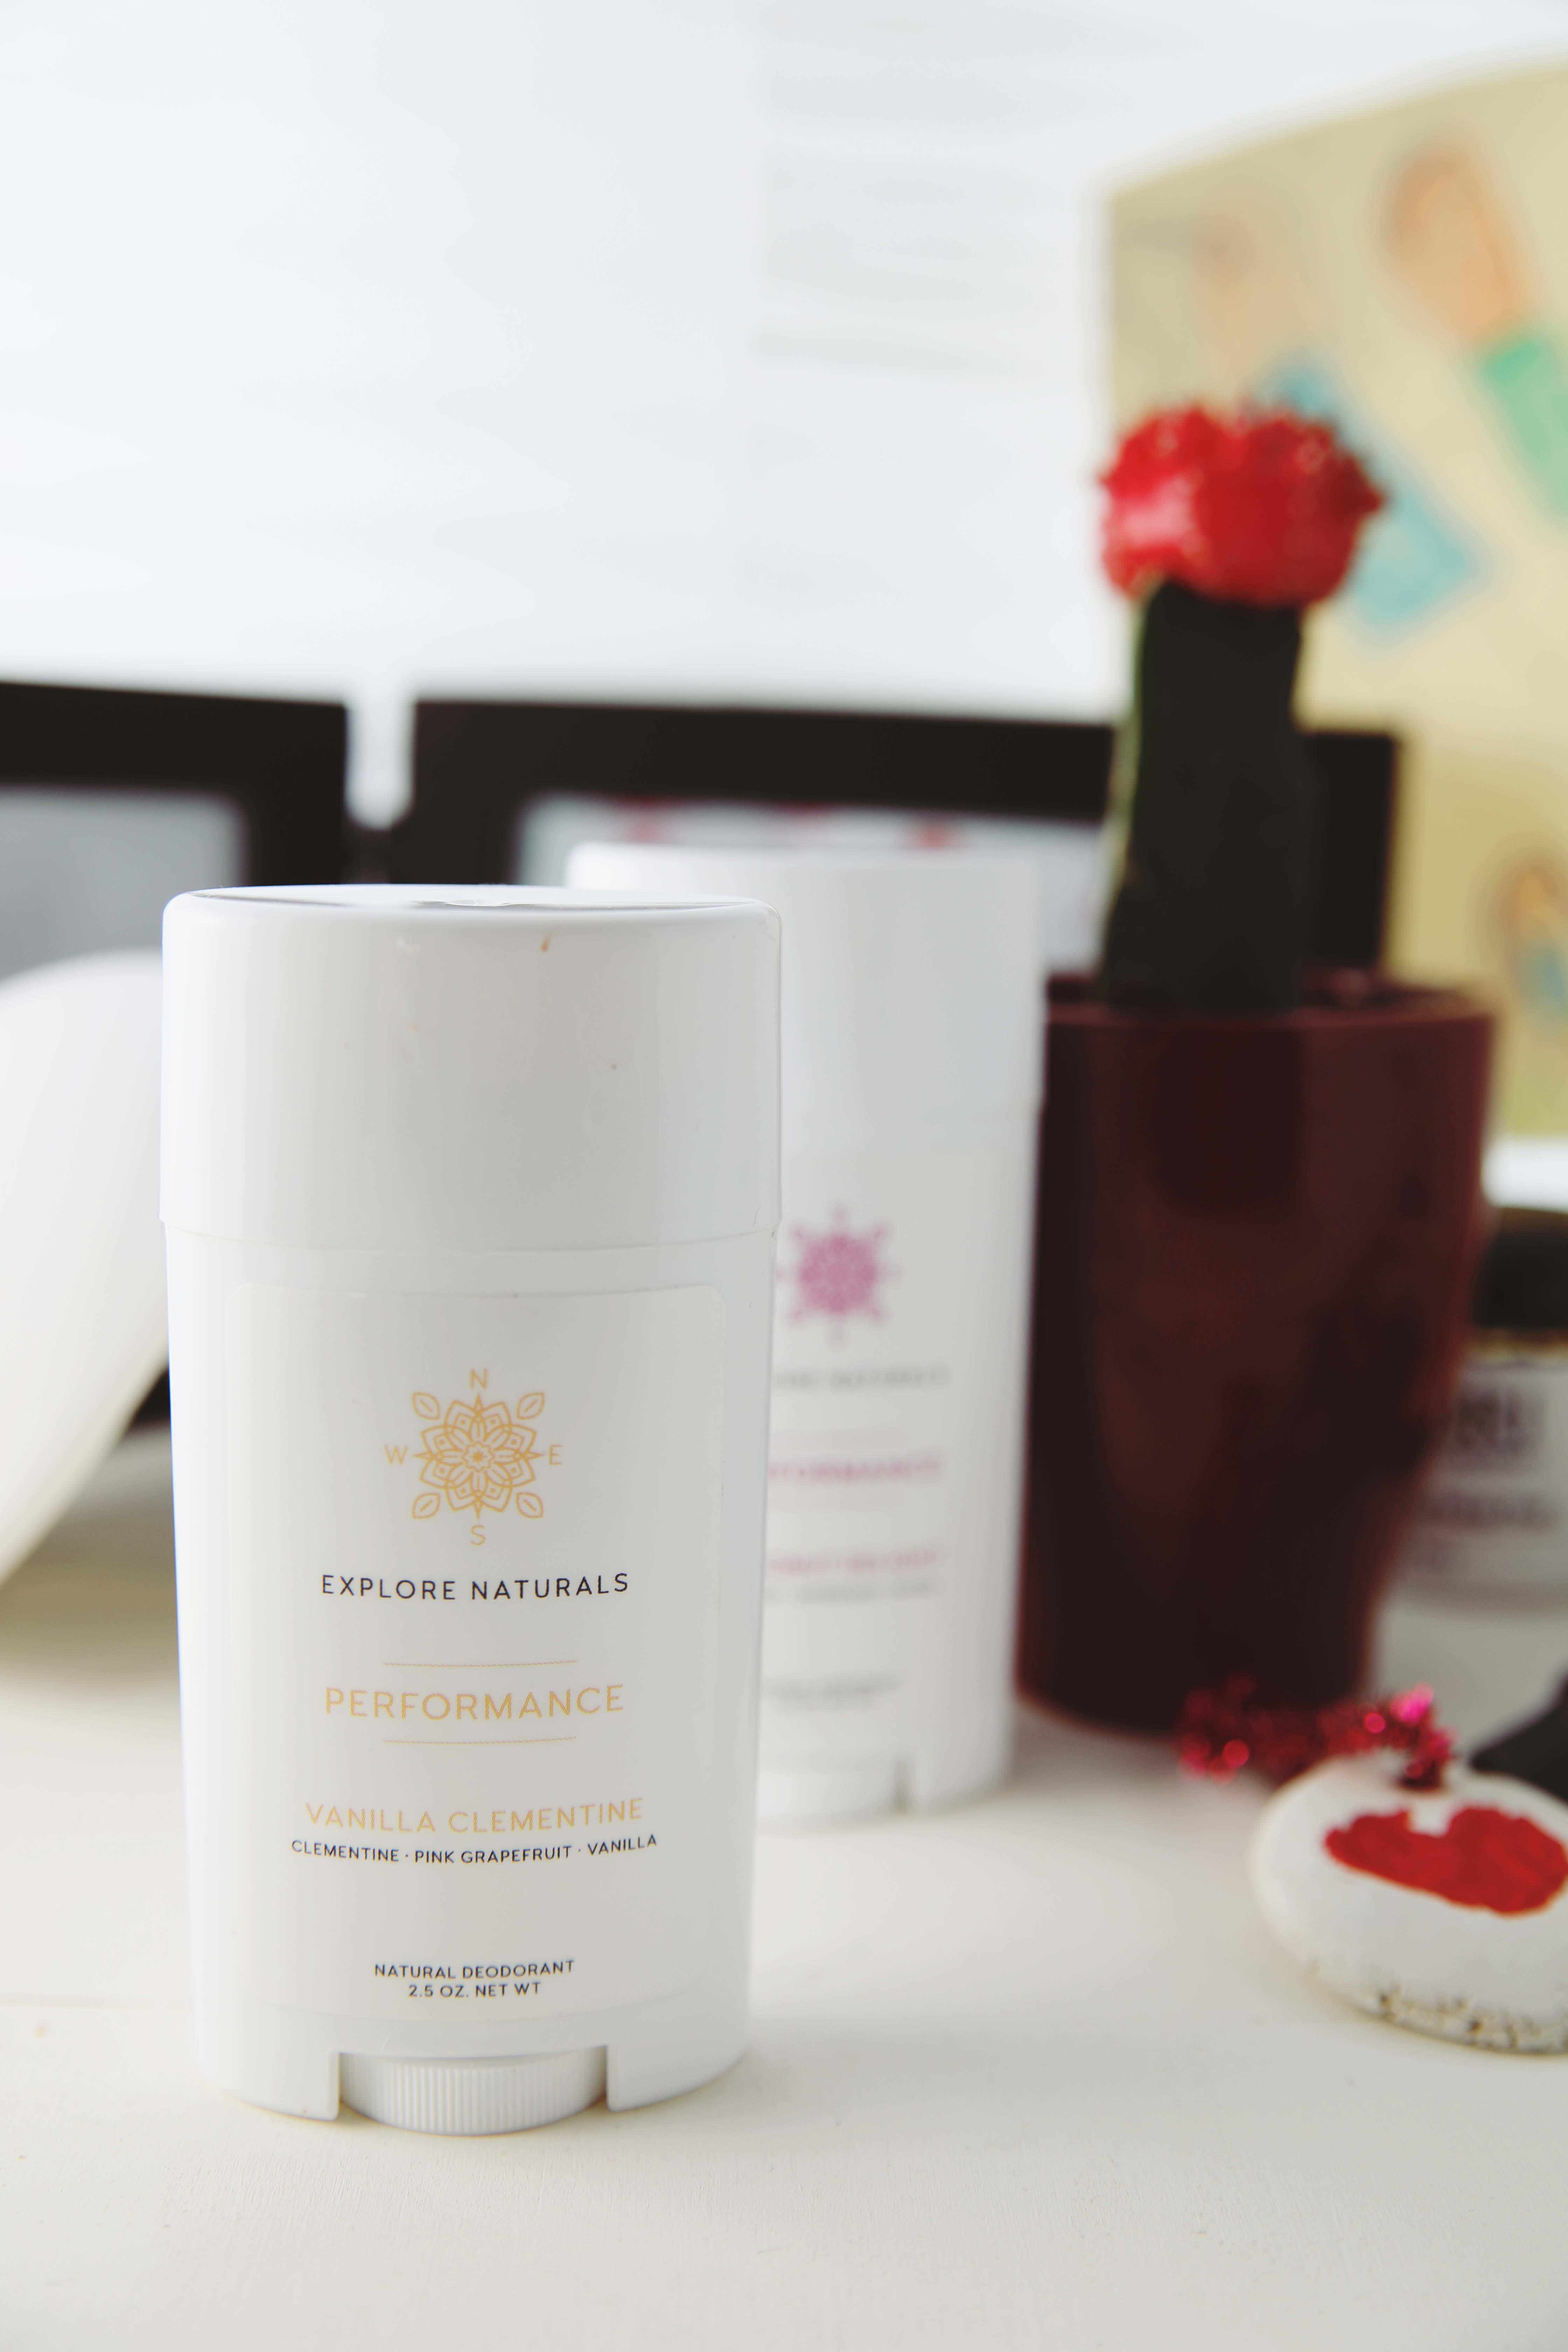 Explore Naturals Deodorant